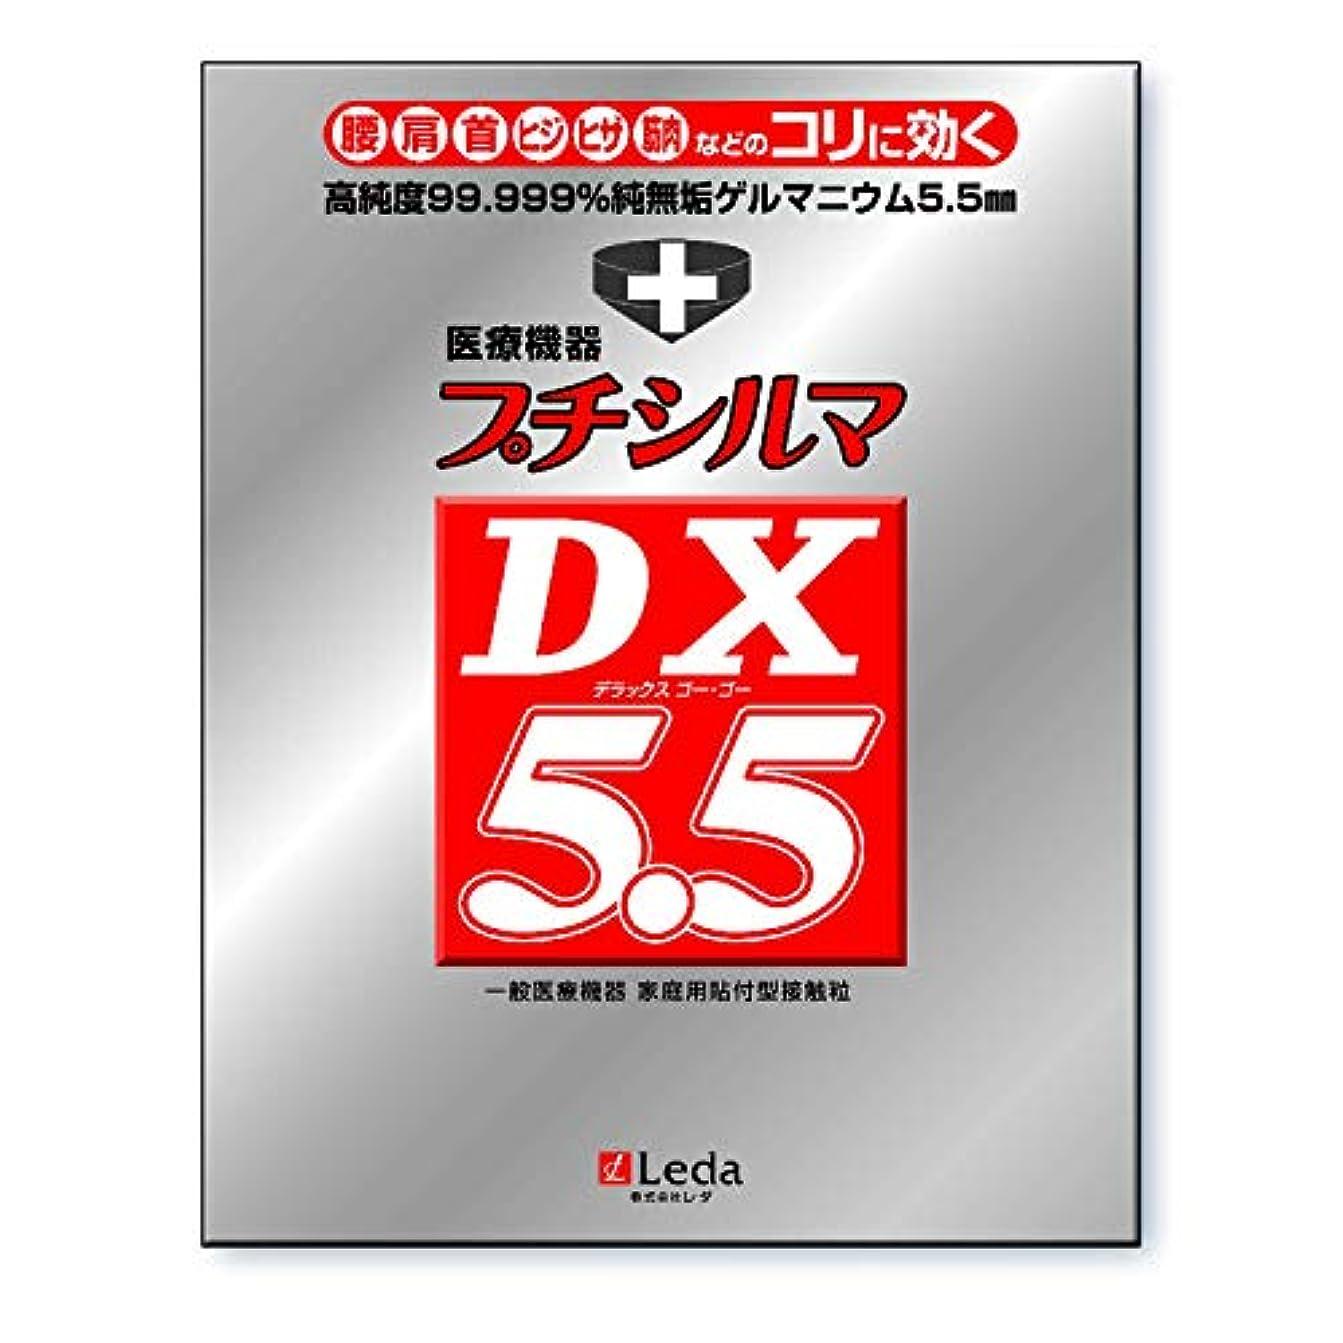 オーラルレガシー製作プチシルマDX 5.5 お徳用替えプラスター200枚付き